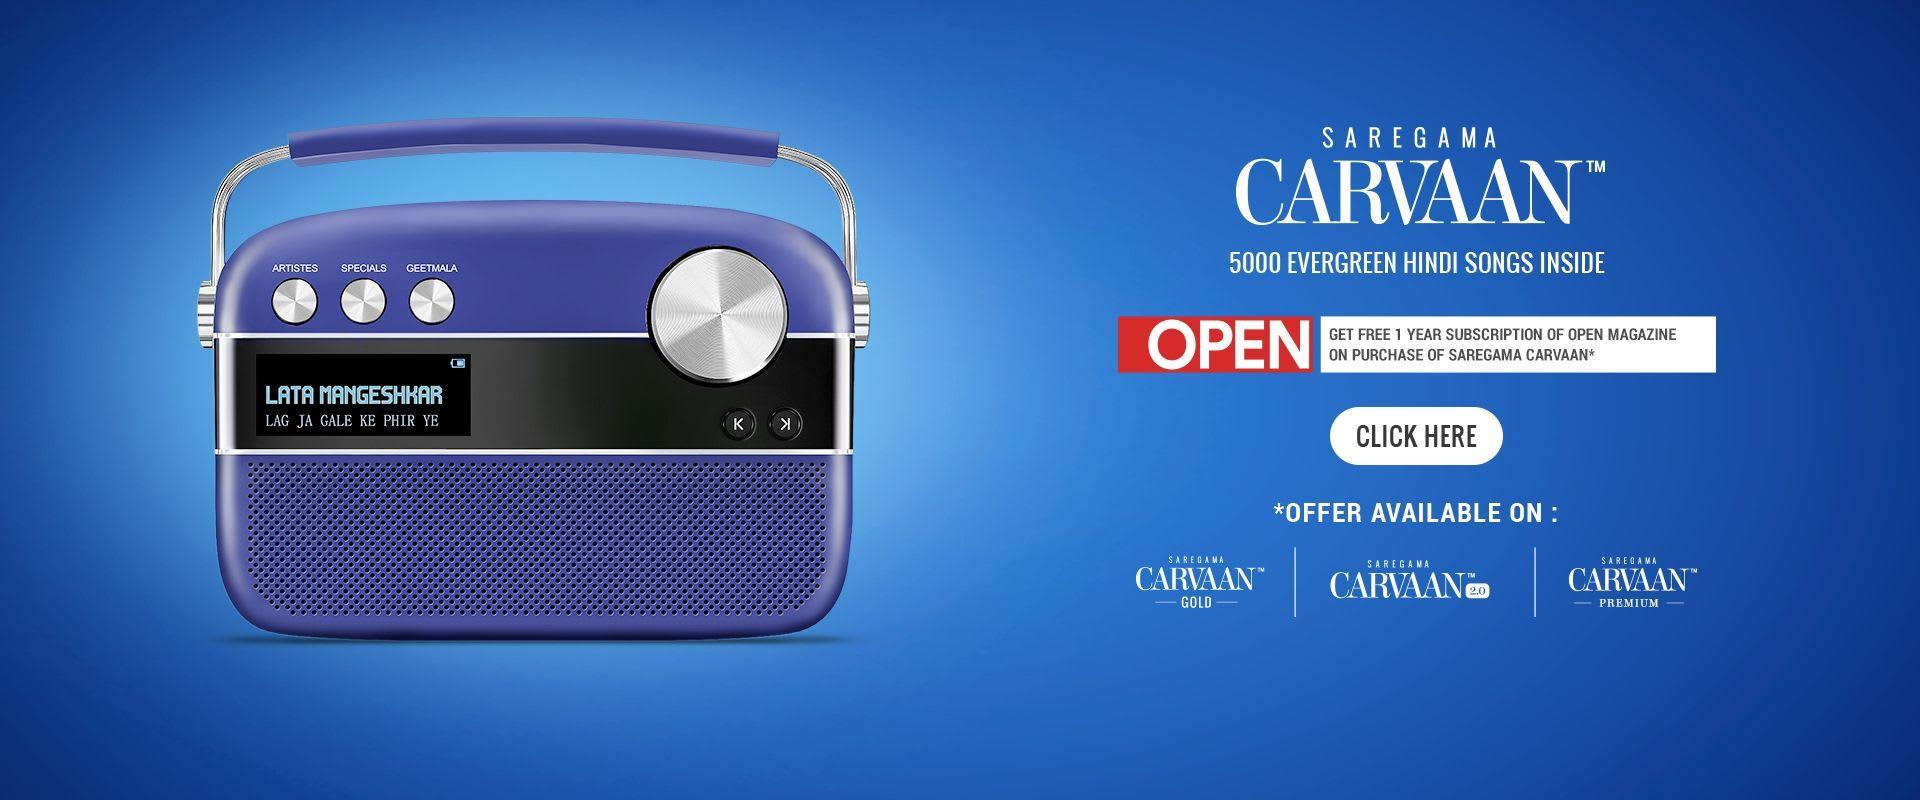 Carvaan Open Magazine